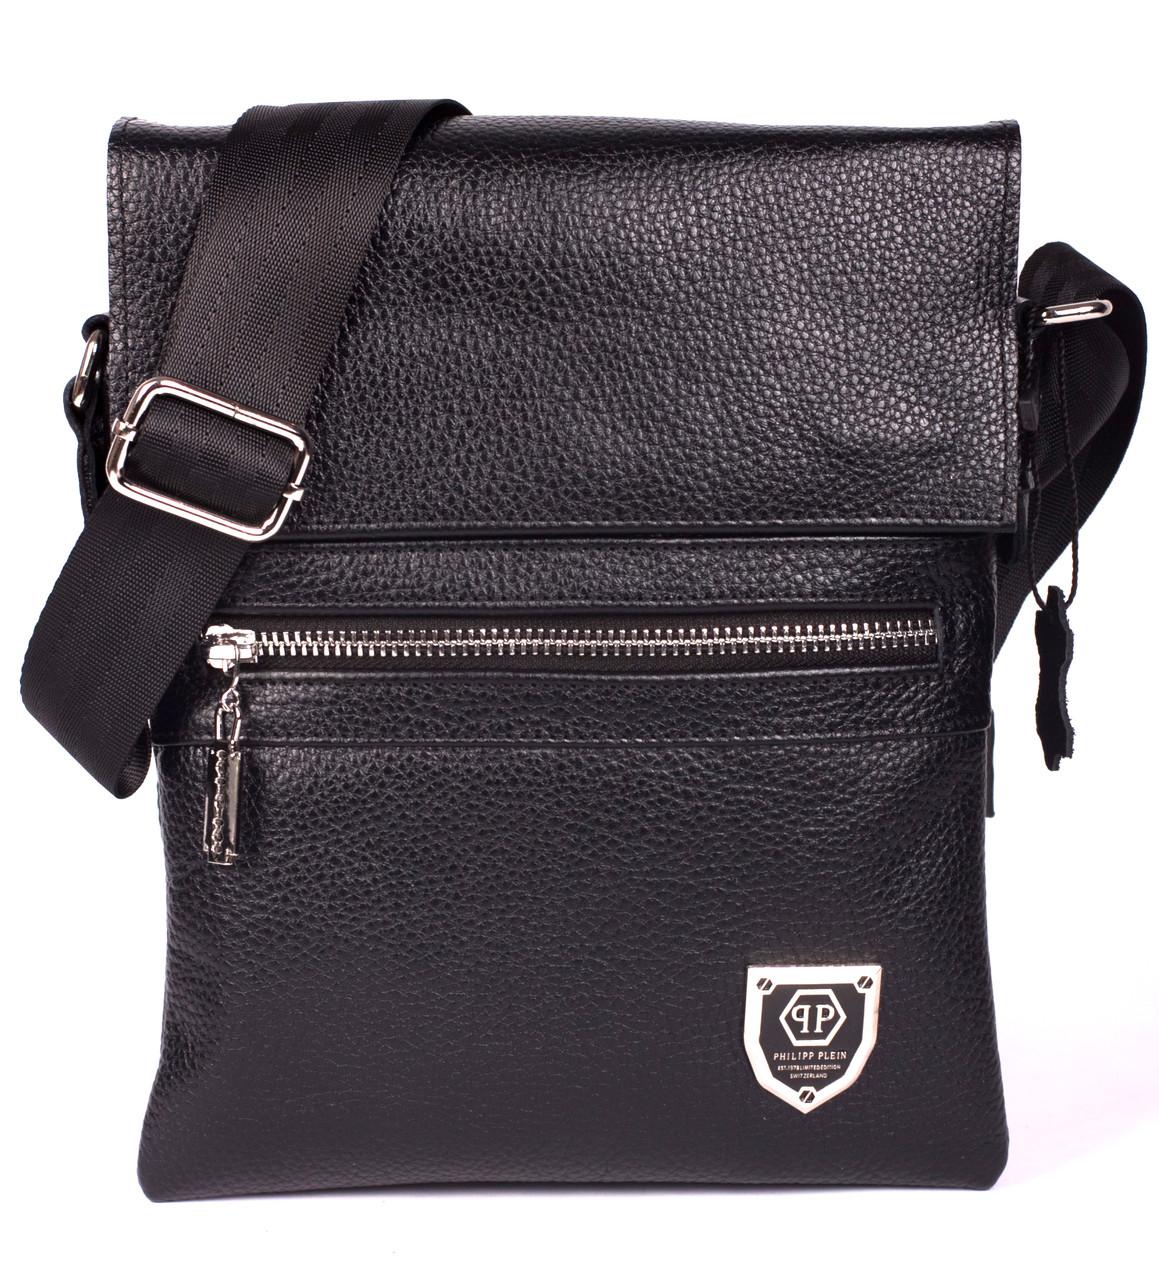 Кожаная мужская сумка Philipp Plein 24х18 см. Мужская сумка из натуральной кожи